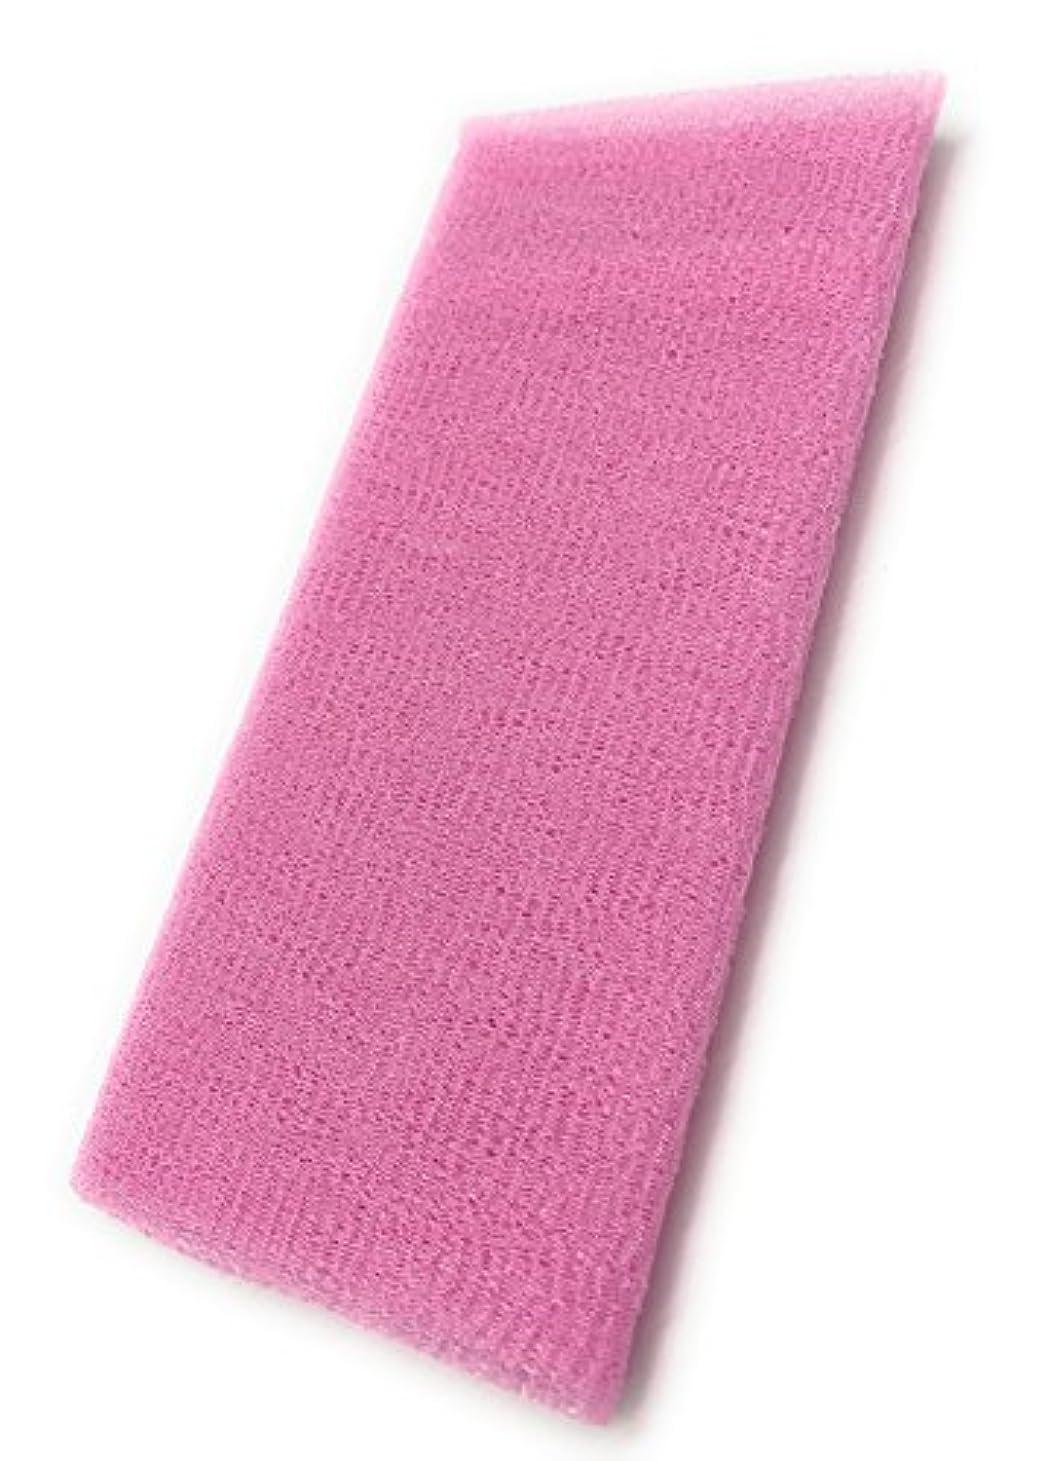 終了する近所の大使館Maltose あかすりタオル ボディタオル ロングボディブラシ やわらか 濃密泡 背中 お風呂用 メンズ 5色 (ピンク)